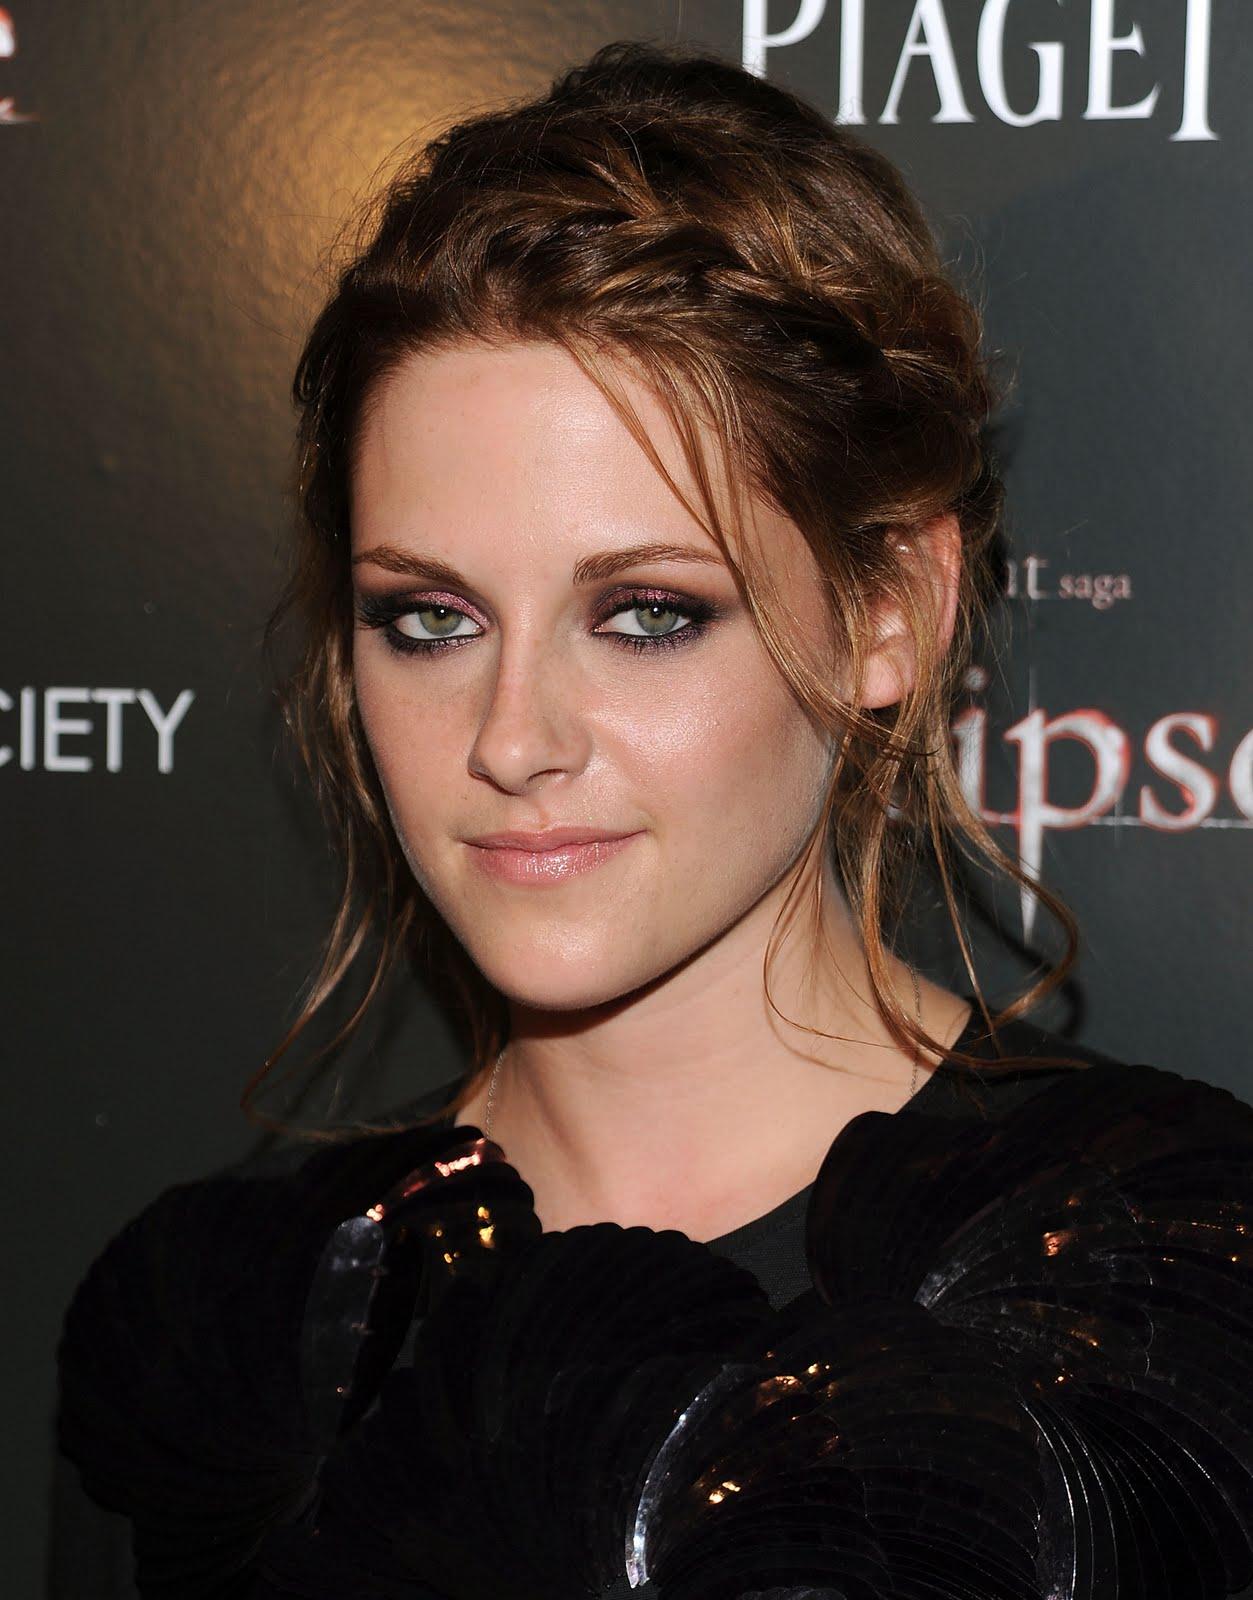 http://4.bp.blogspot.com/-Kn-sSQbUH8k/TmN98xoOCWI/AAAAAAAAAgM/EVakGTm1bFw/s1600/Kristen-Stewart-Robert-Pattinson-clothes-photoshoot-movies-films-style+%25281%2529.jpg